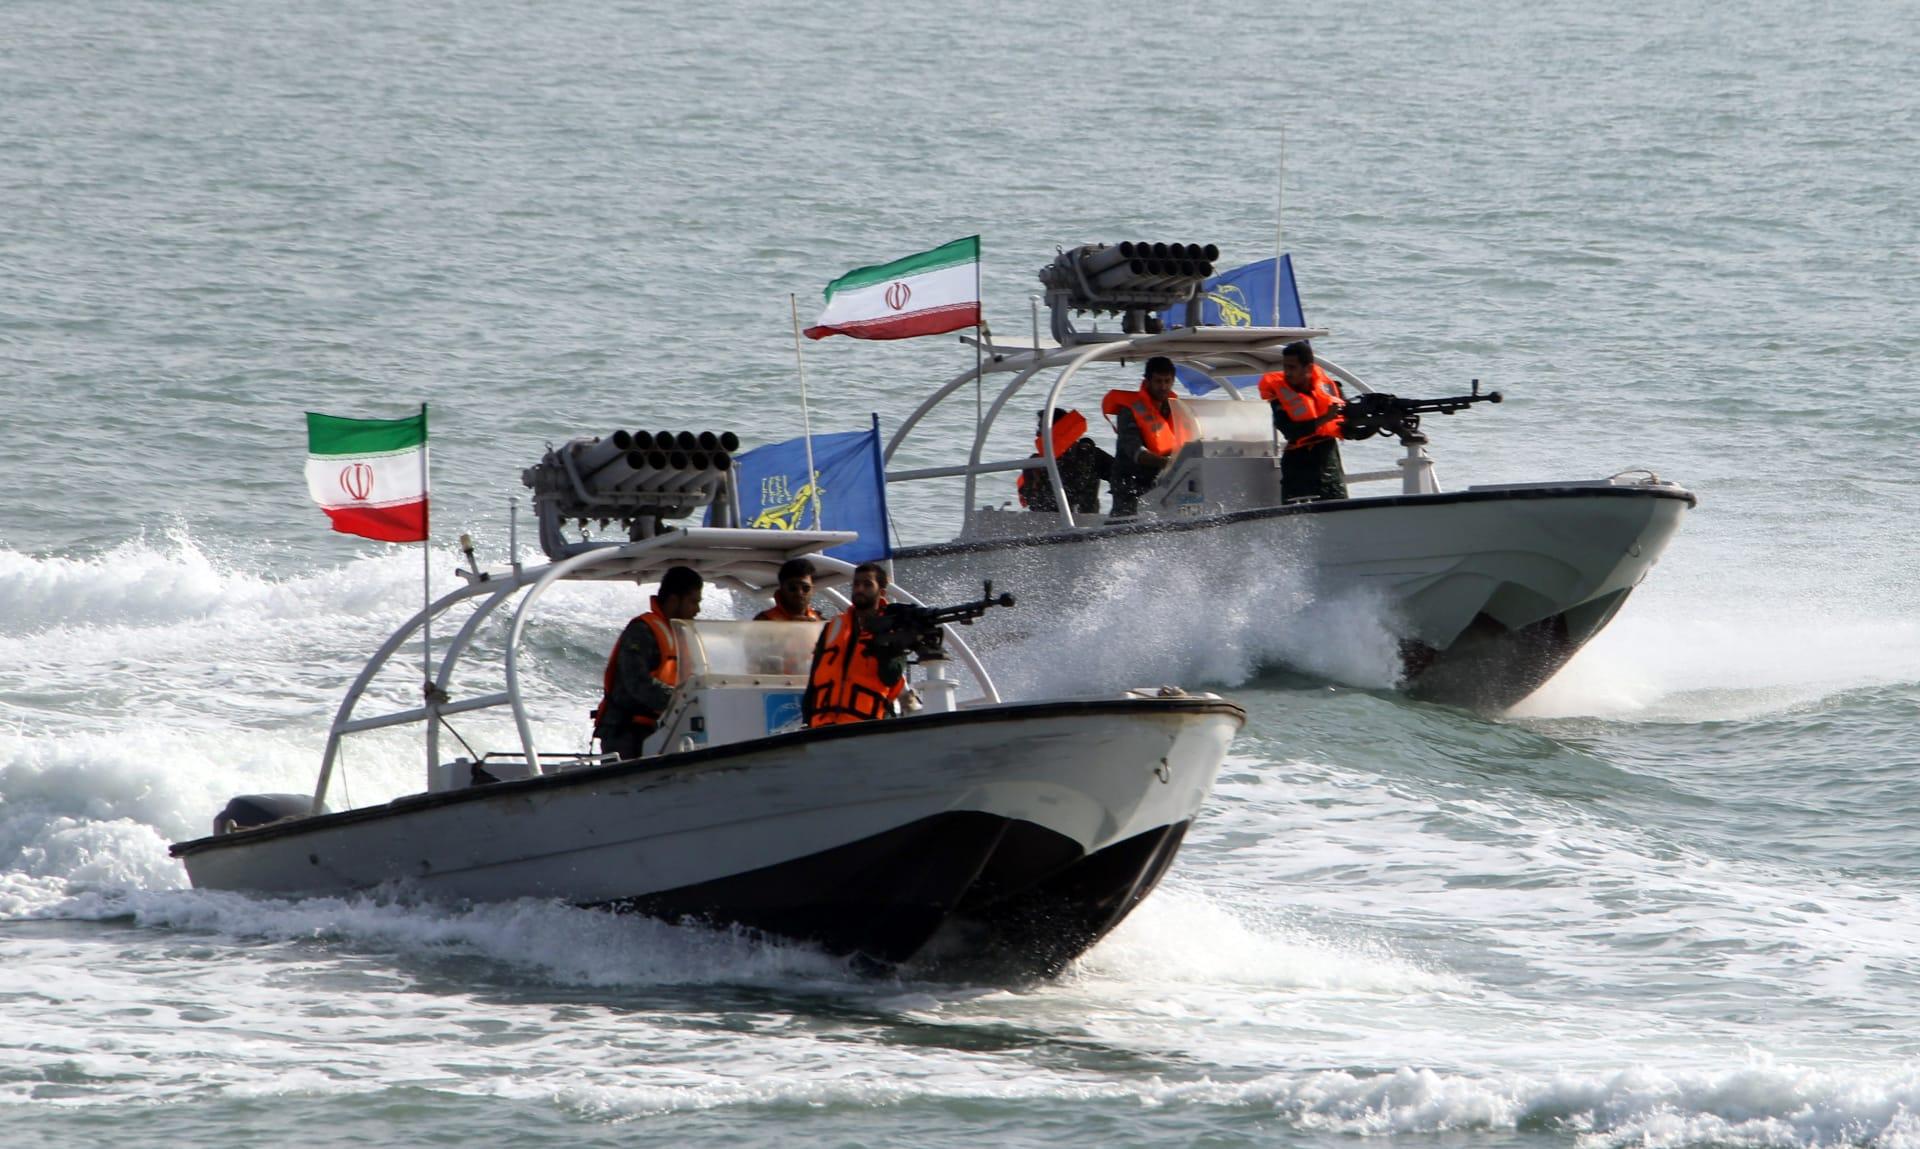 سفن إيرانية تتحرش بزوارق أمريكية في الخليج لمدة 3 ساعات رغم تحذيرات متكررة